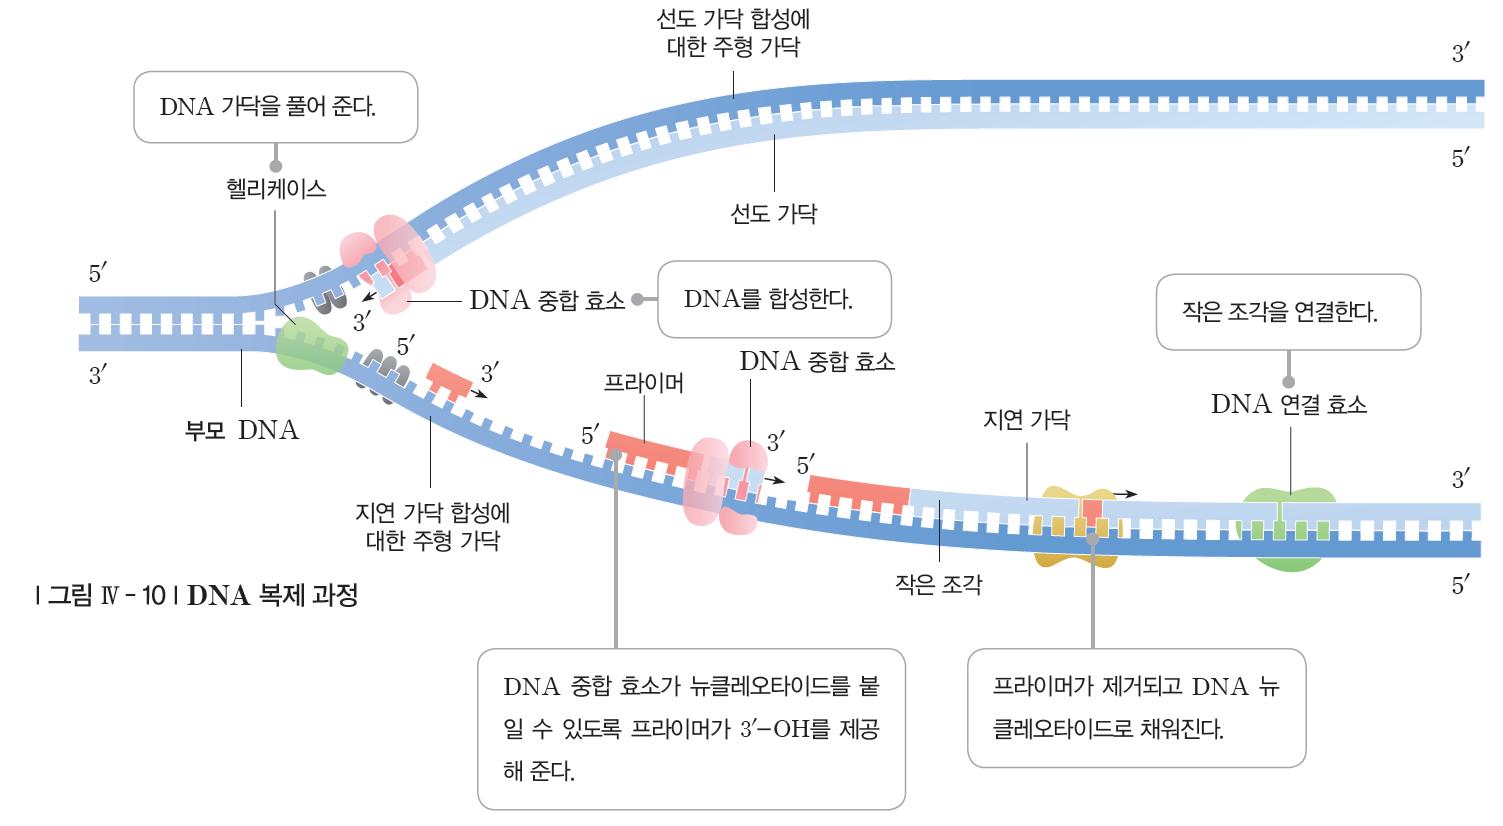 (주)지학사 생명과학Ⅱ 112쪽 현행내용 이미지